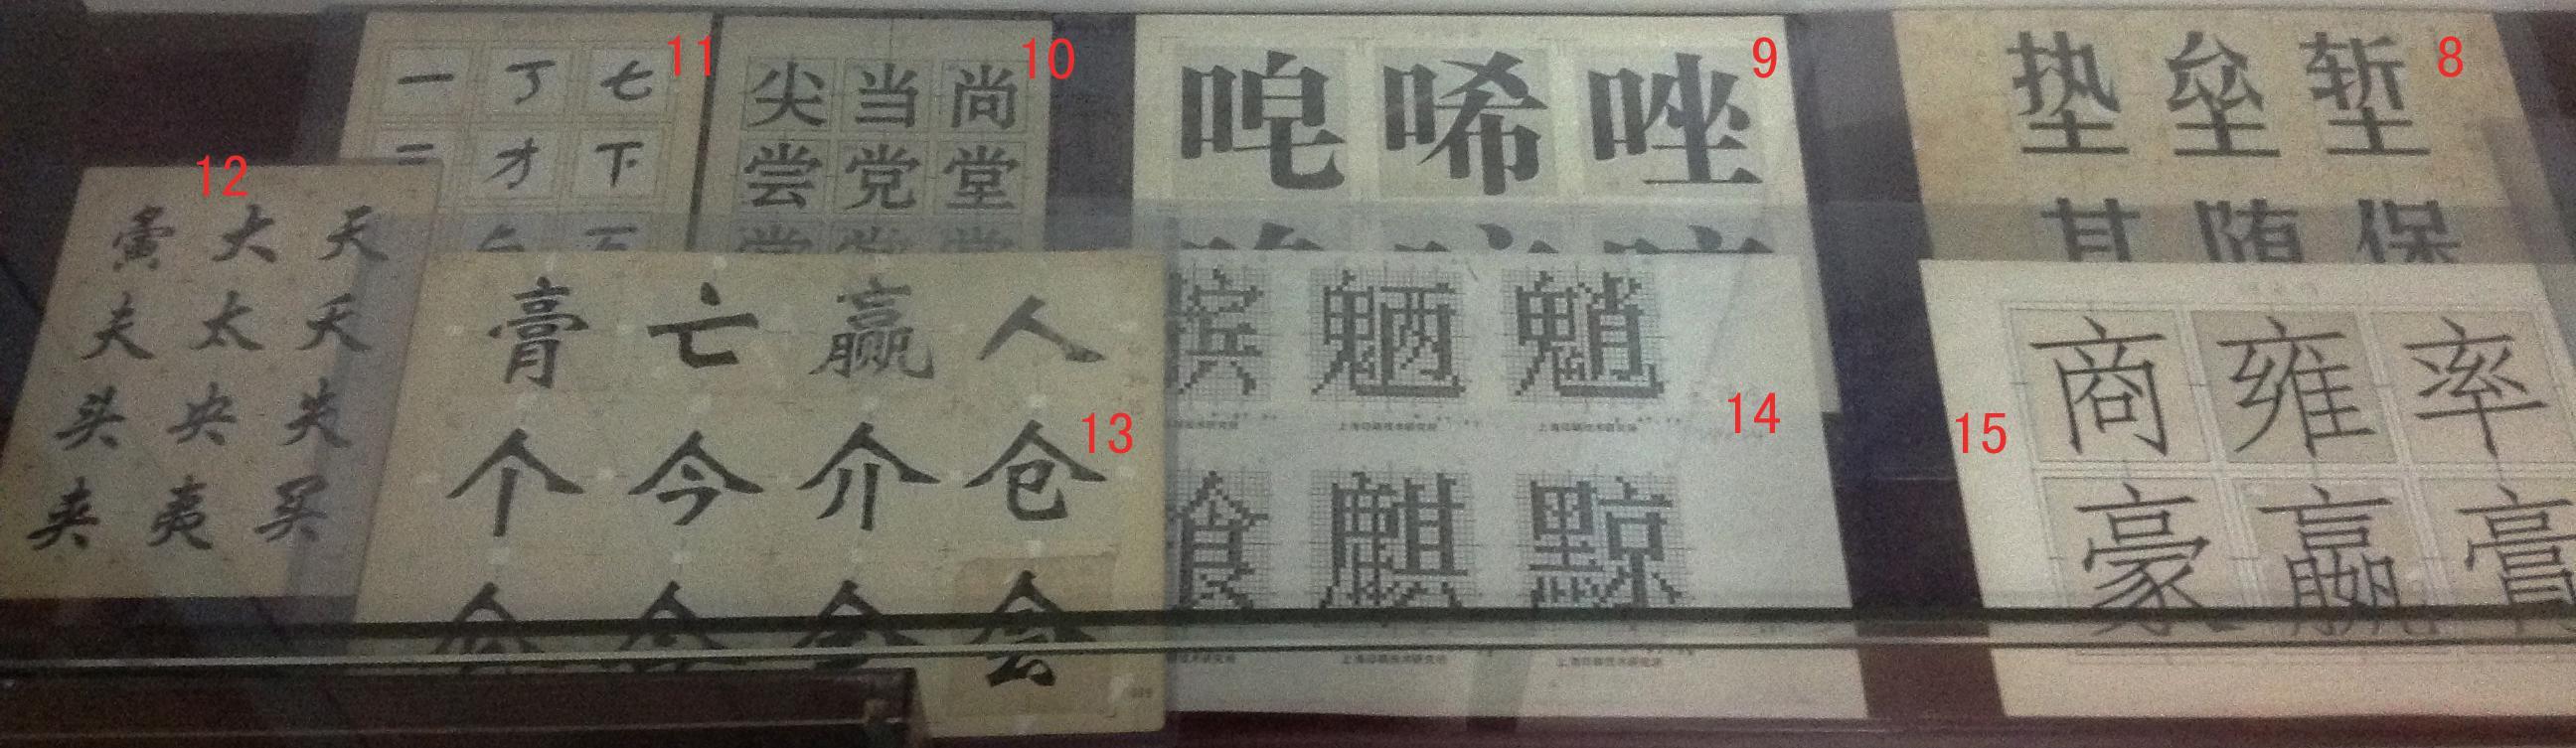 汉字设计1.jpg